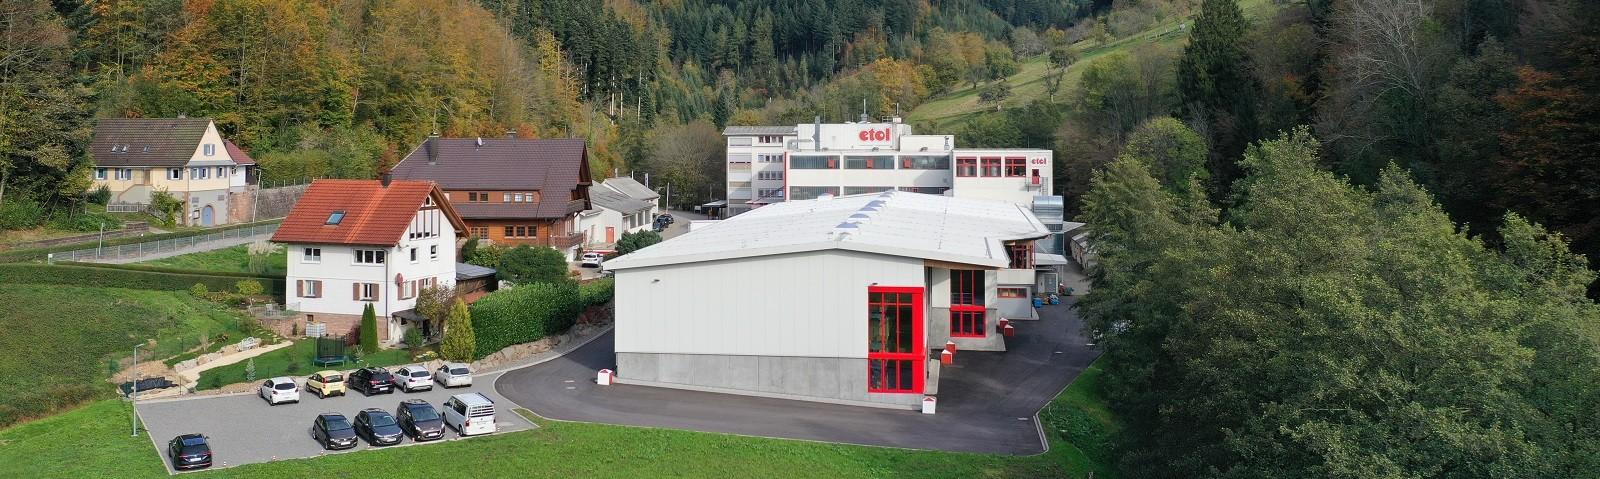 etol Werk Oppenau Schwarzwald - Lohnhersteller, Kunststoffverarbeitung, Formenbau